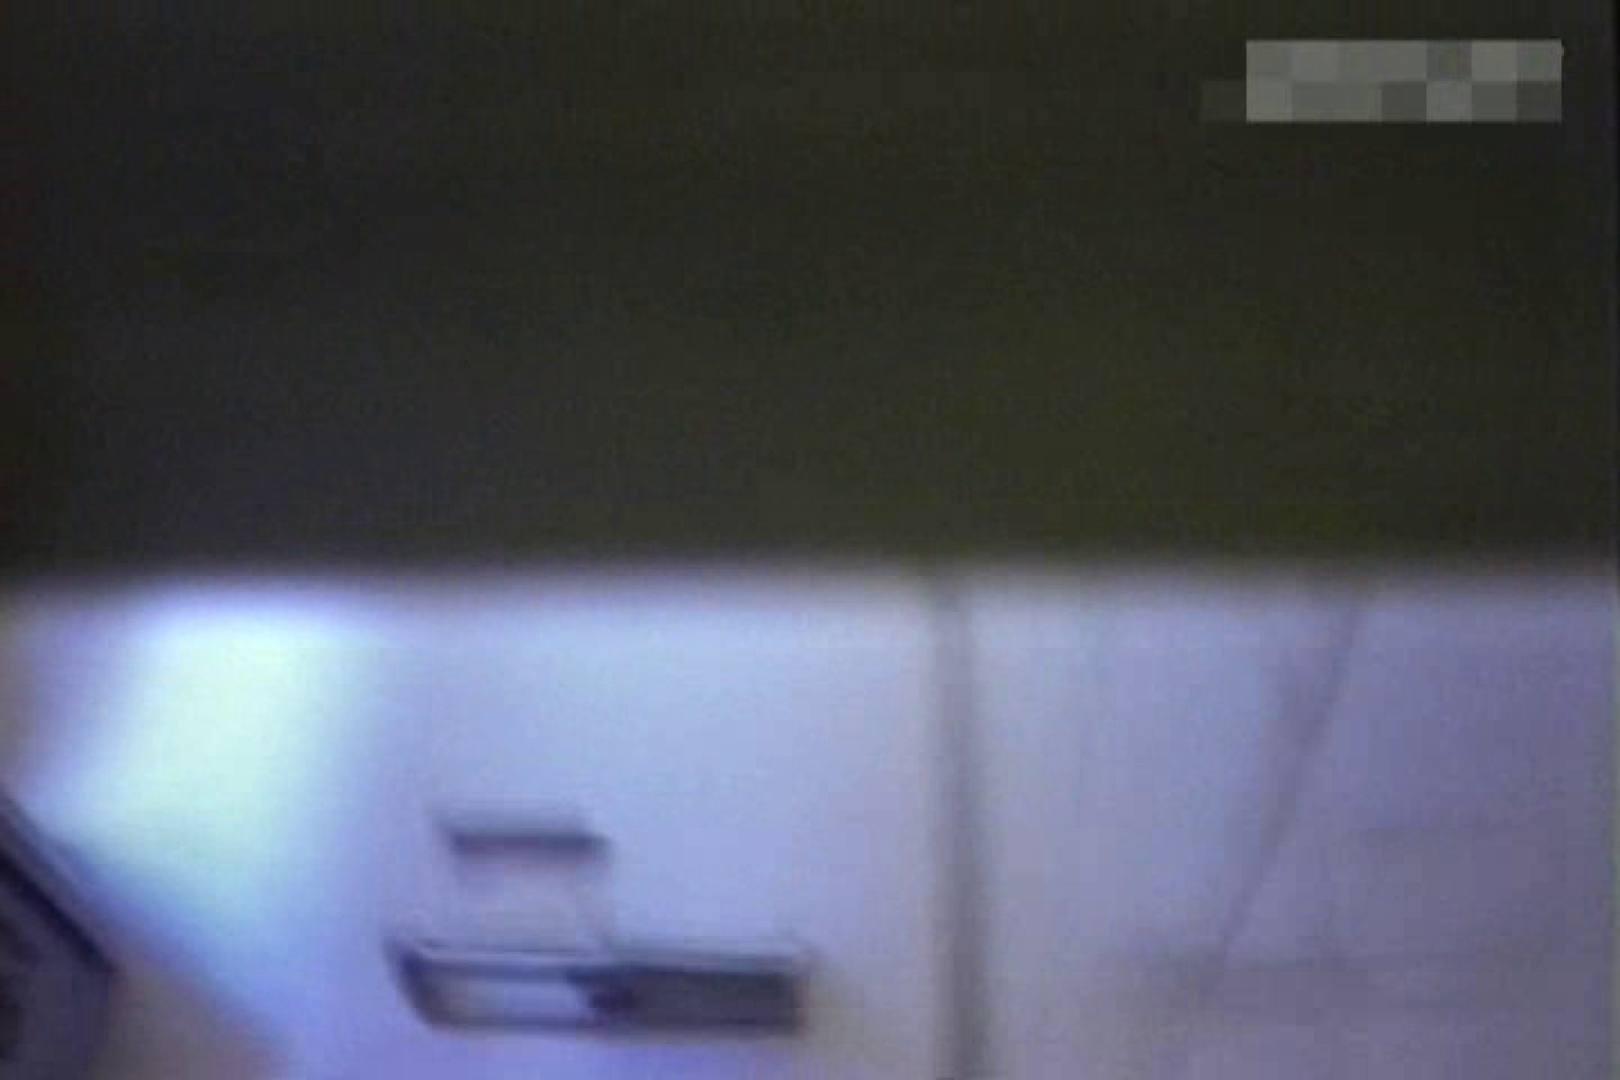 個室狂いのマニア映像Vol.2 洗面所はめどり ヌード画像 105画像 78